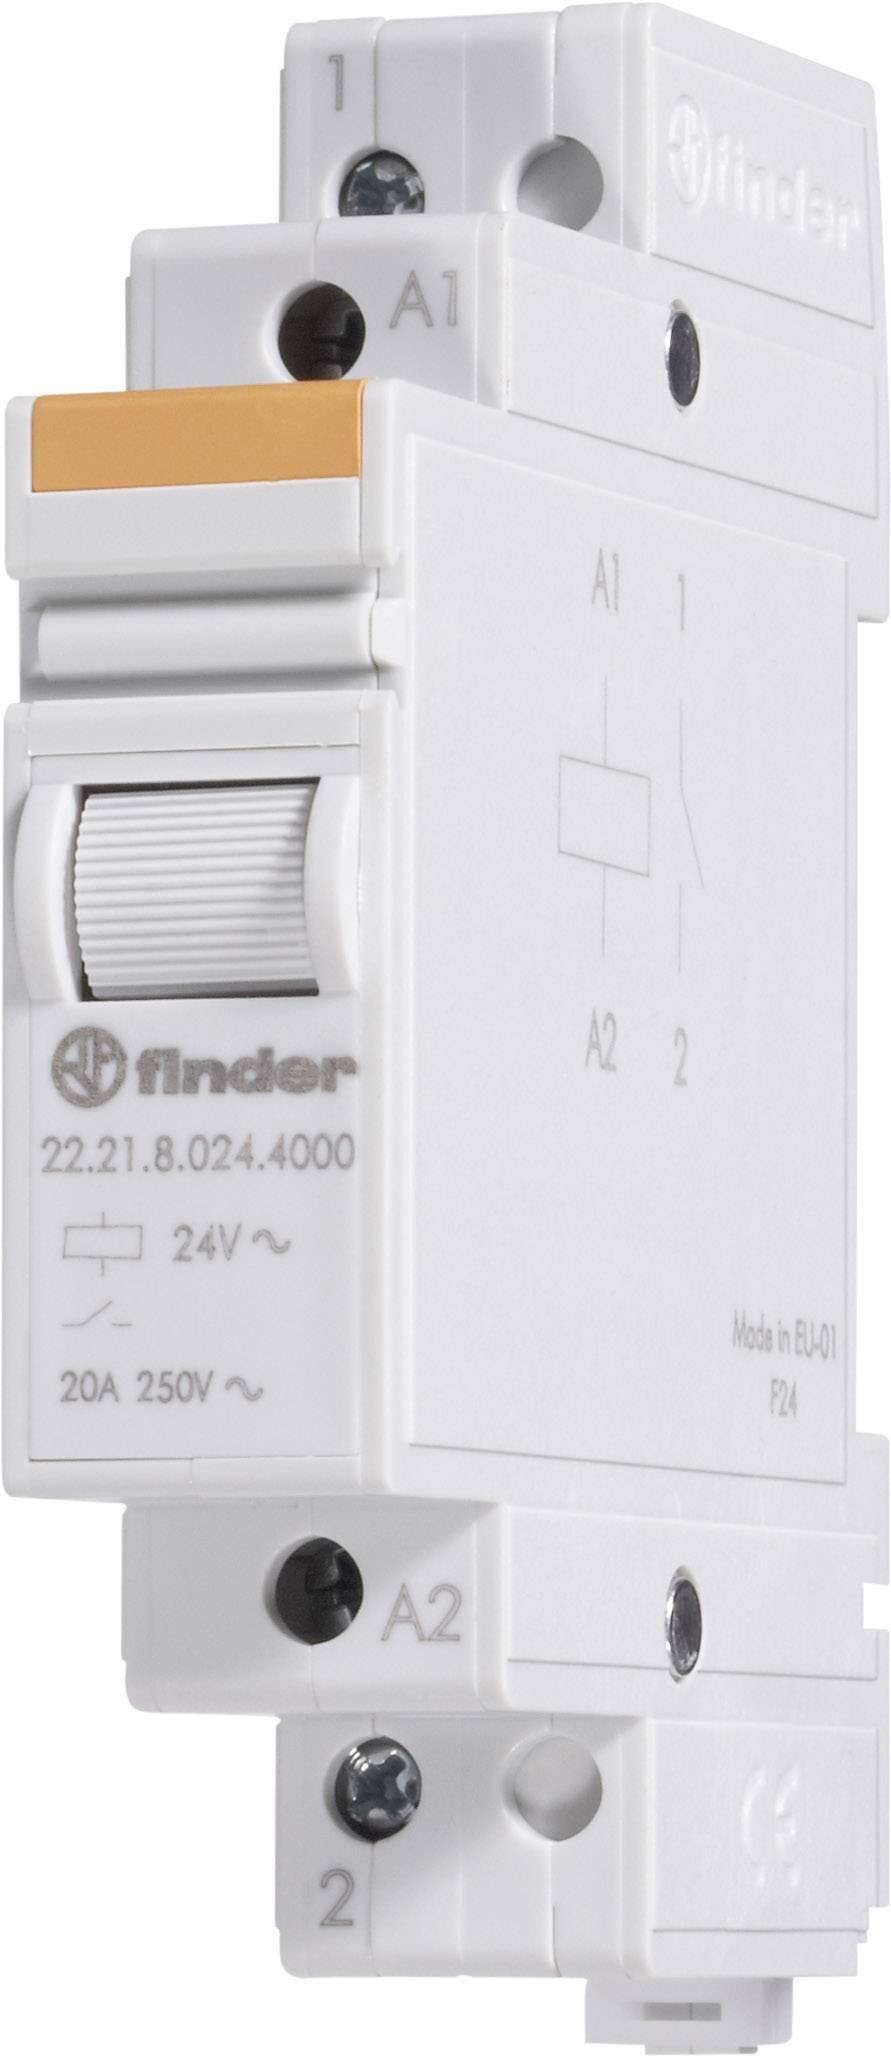 Instalační relé Finder 22.23.8.024.4000